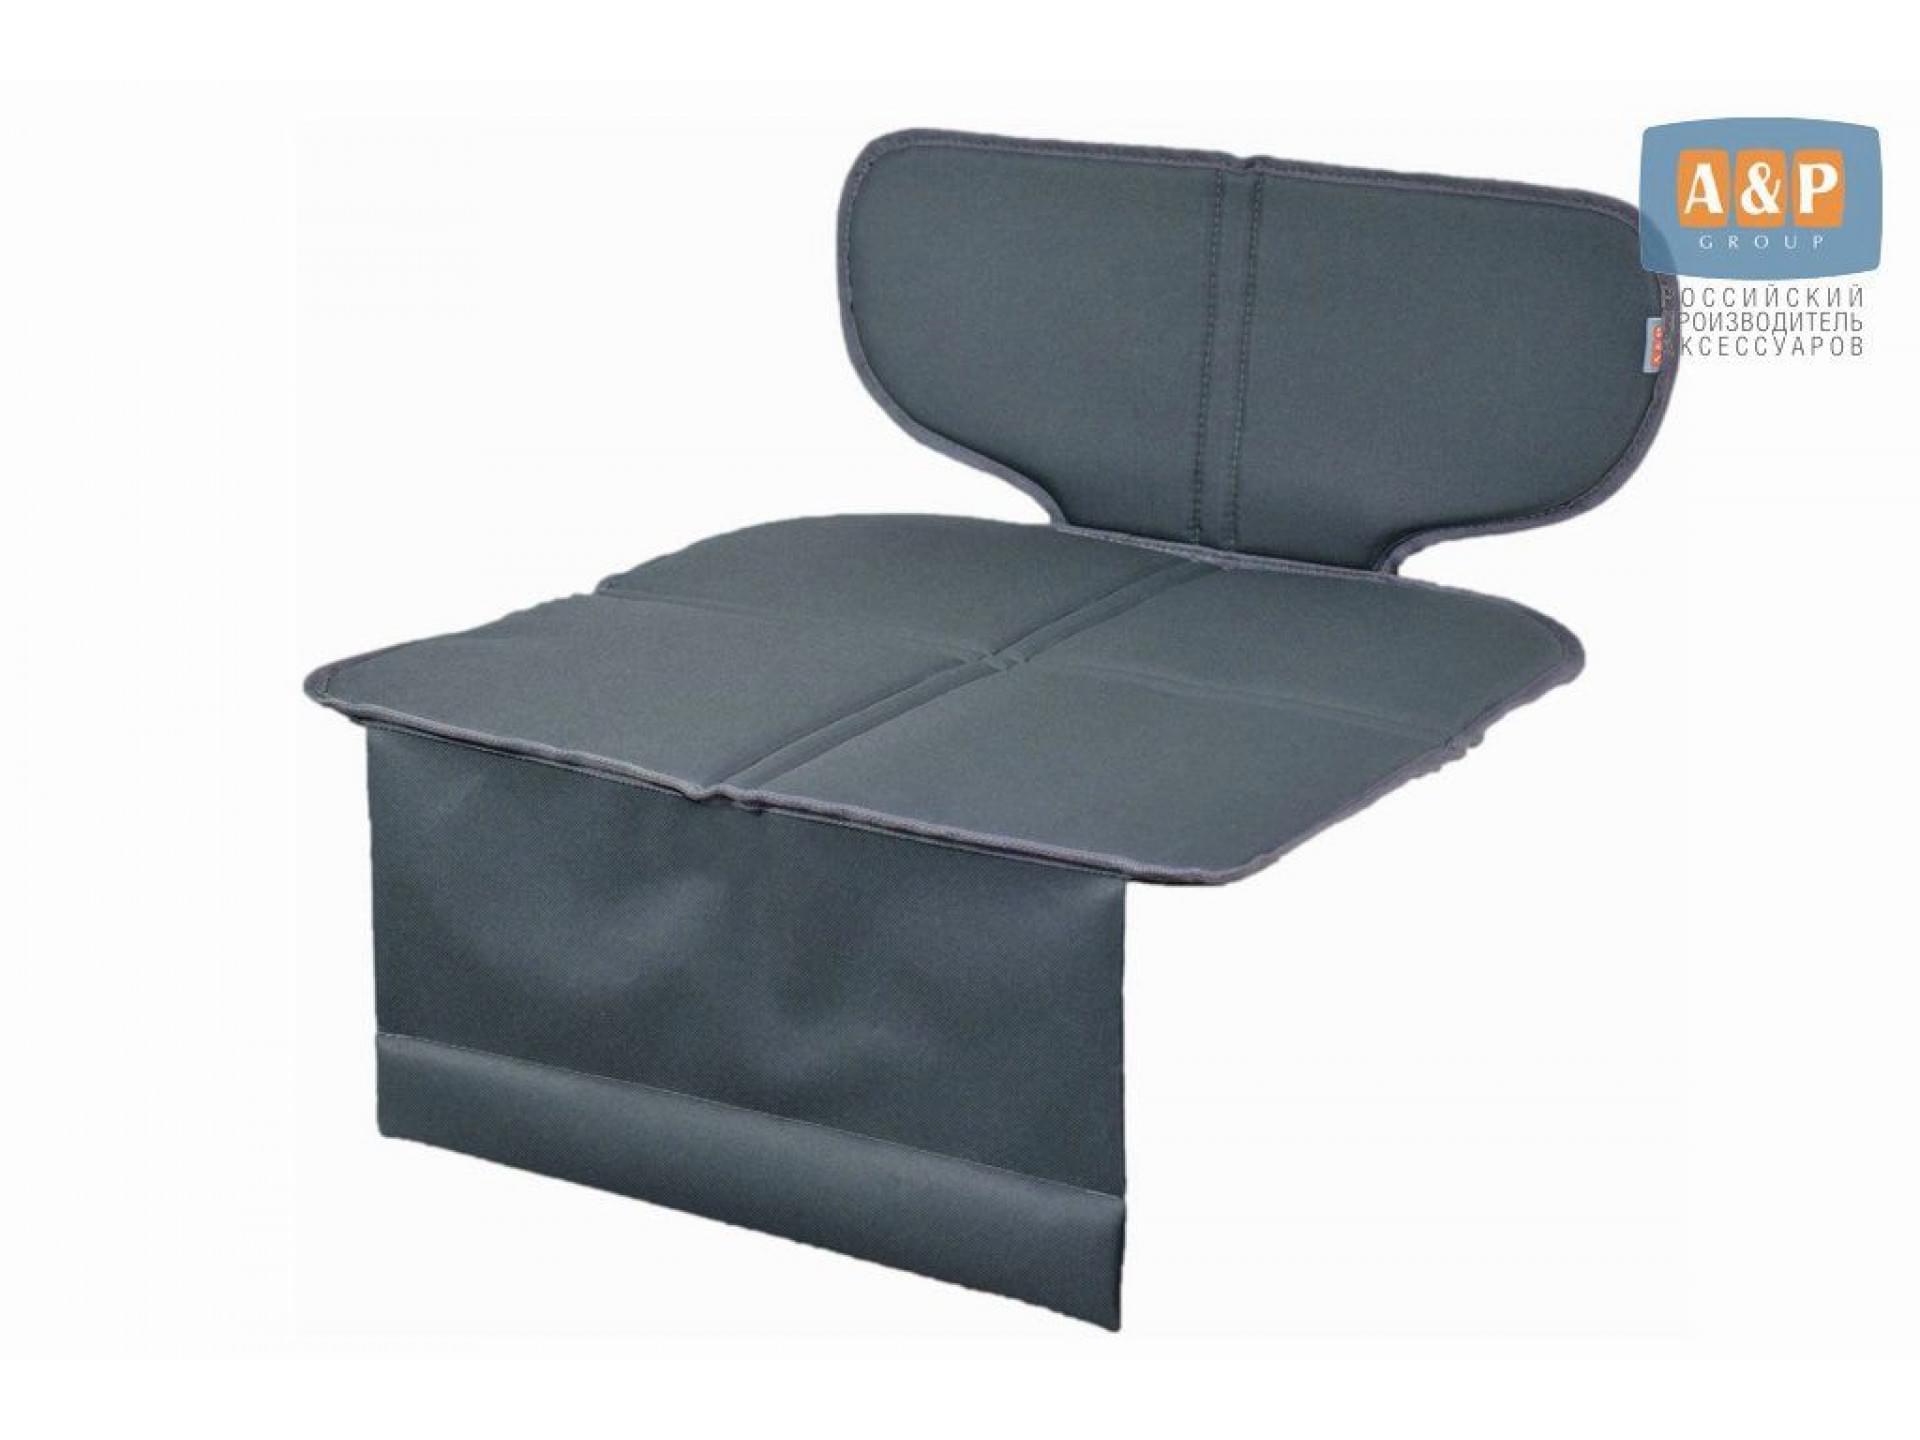 Защитный коврик (накидка) под детское автокресло-бустер.